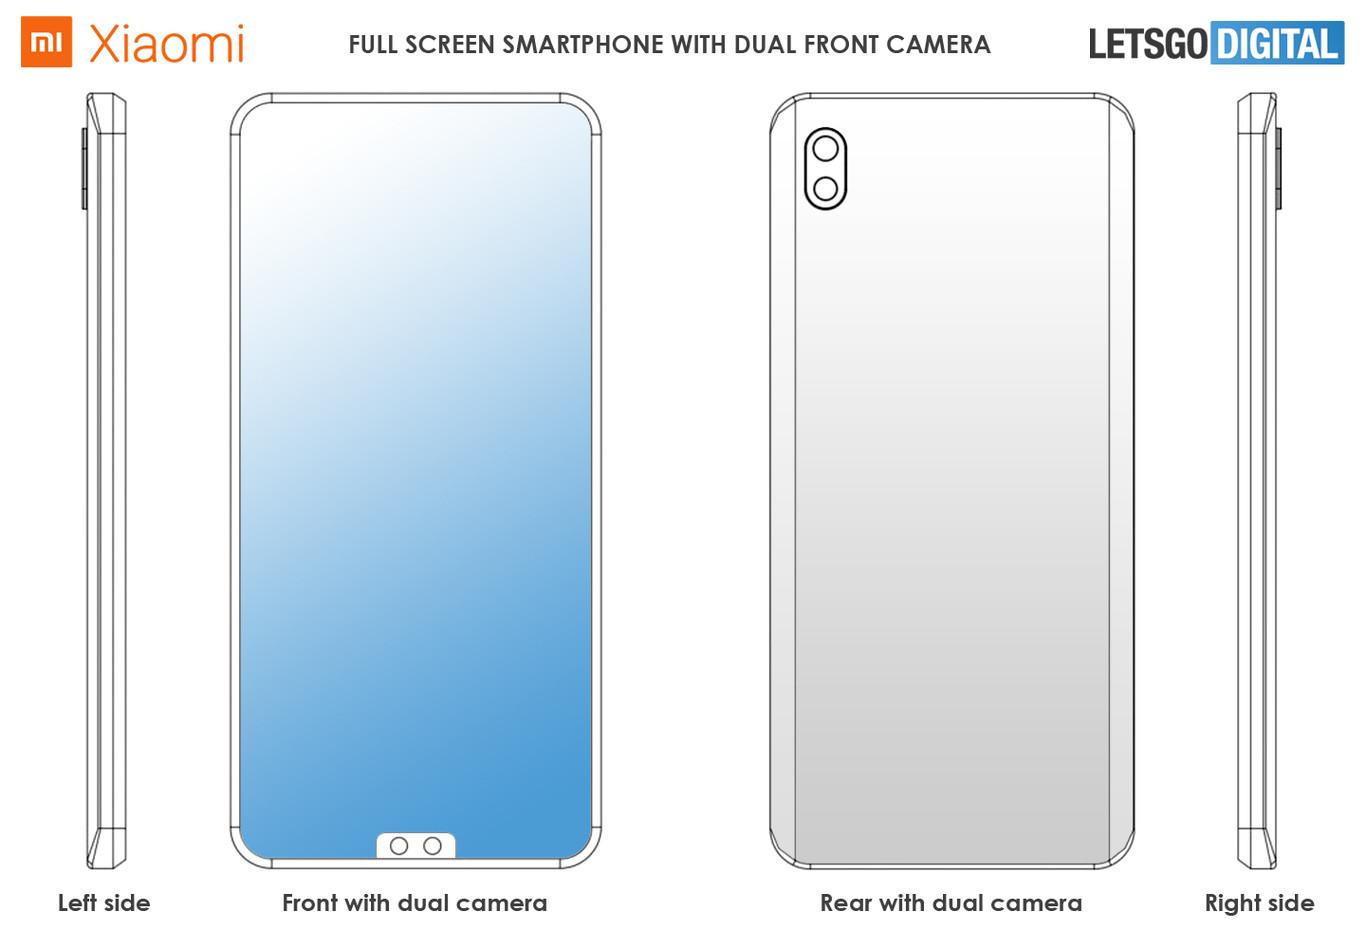 Patente Xiaomi Modelo teléfono con notch inferior